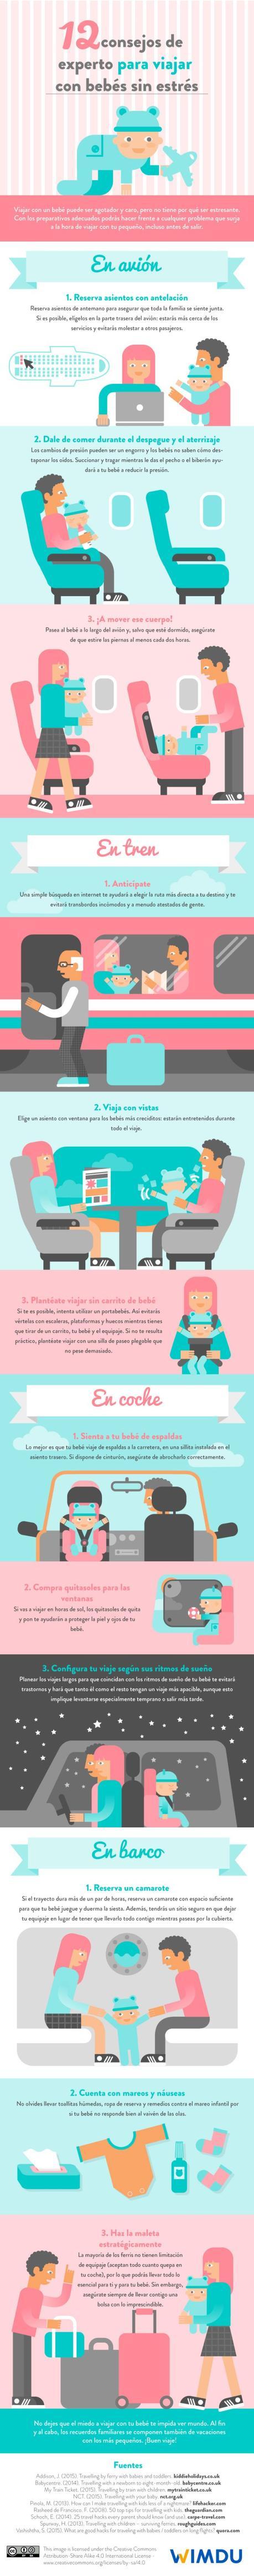 12 consejos de experto para viajar con bebés sin estrés